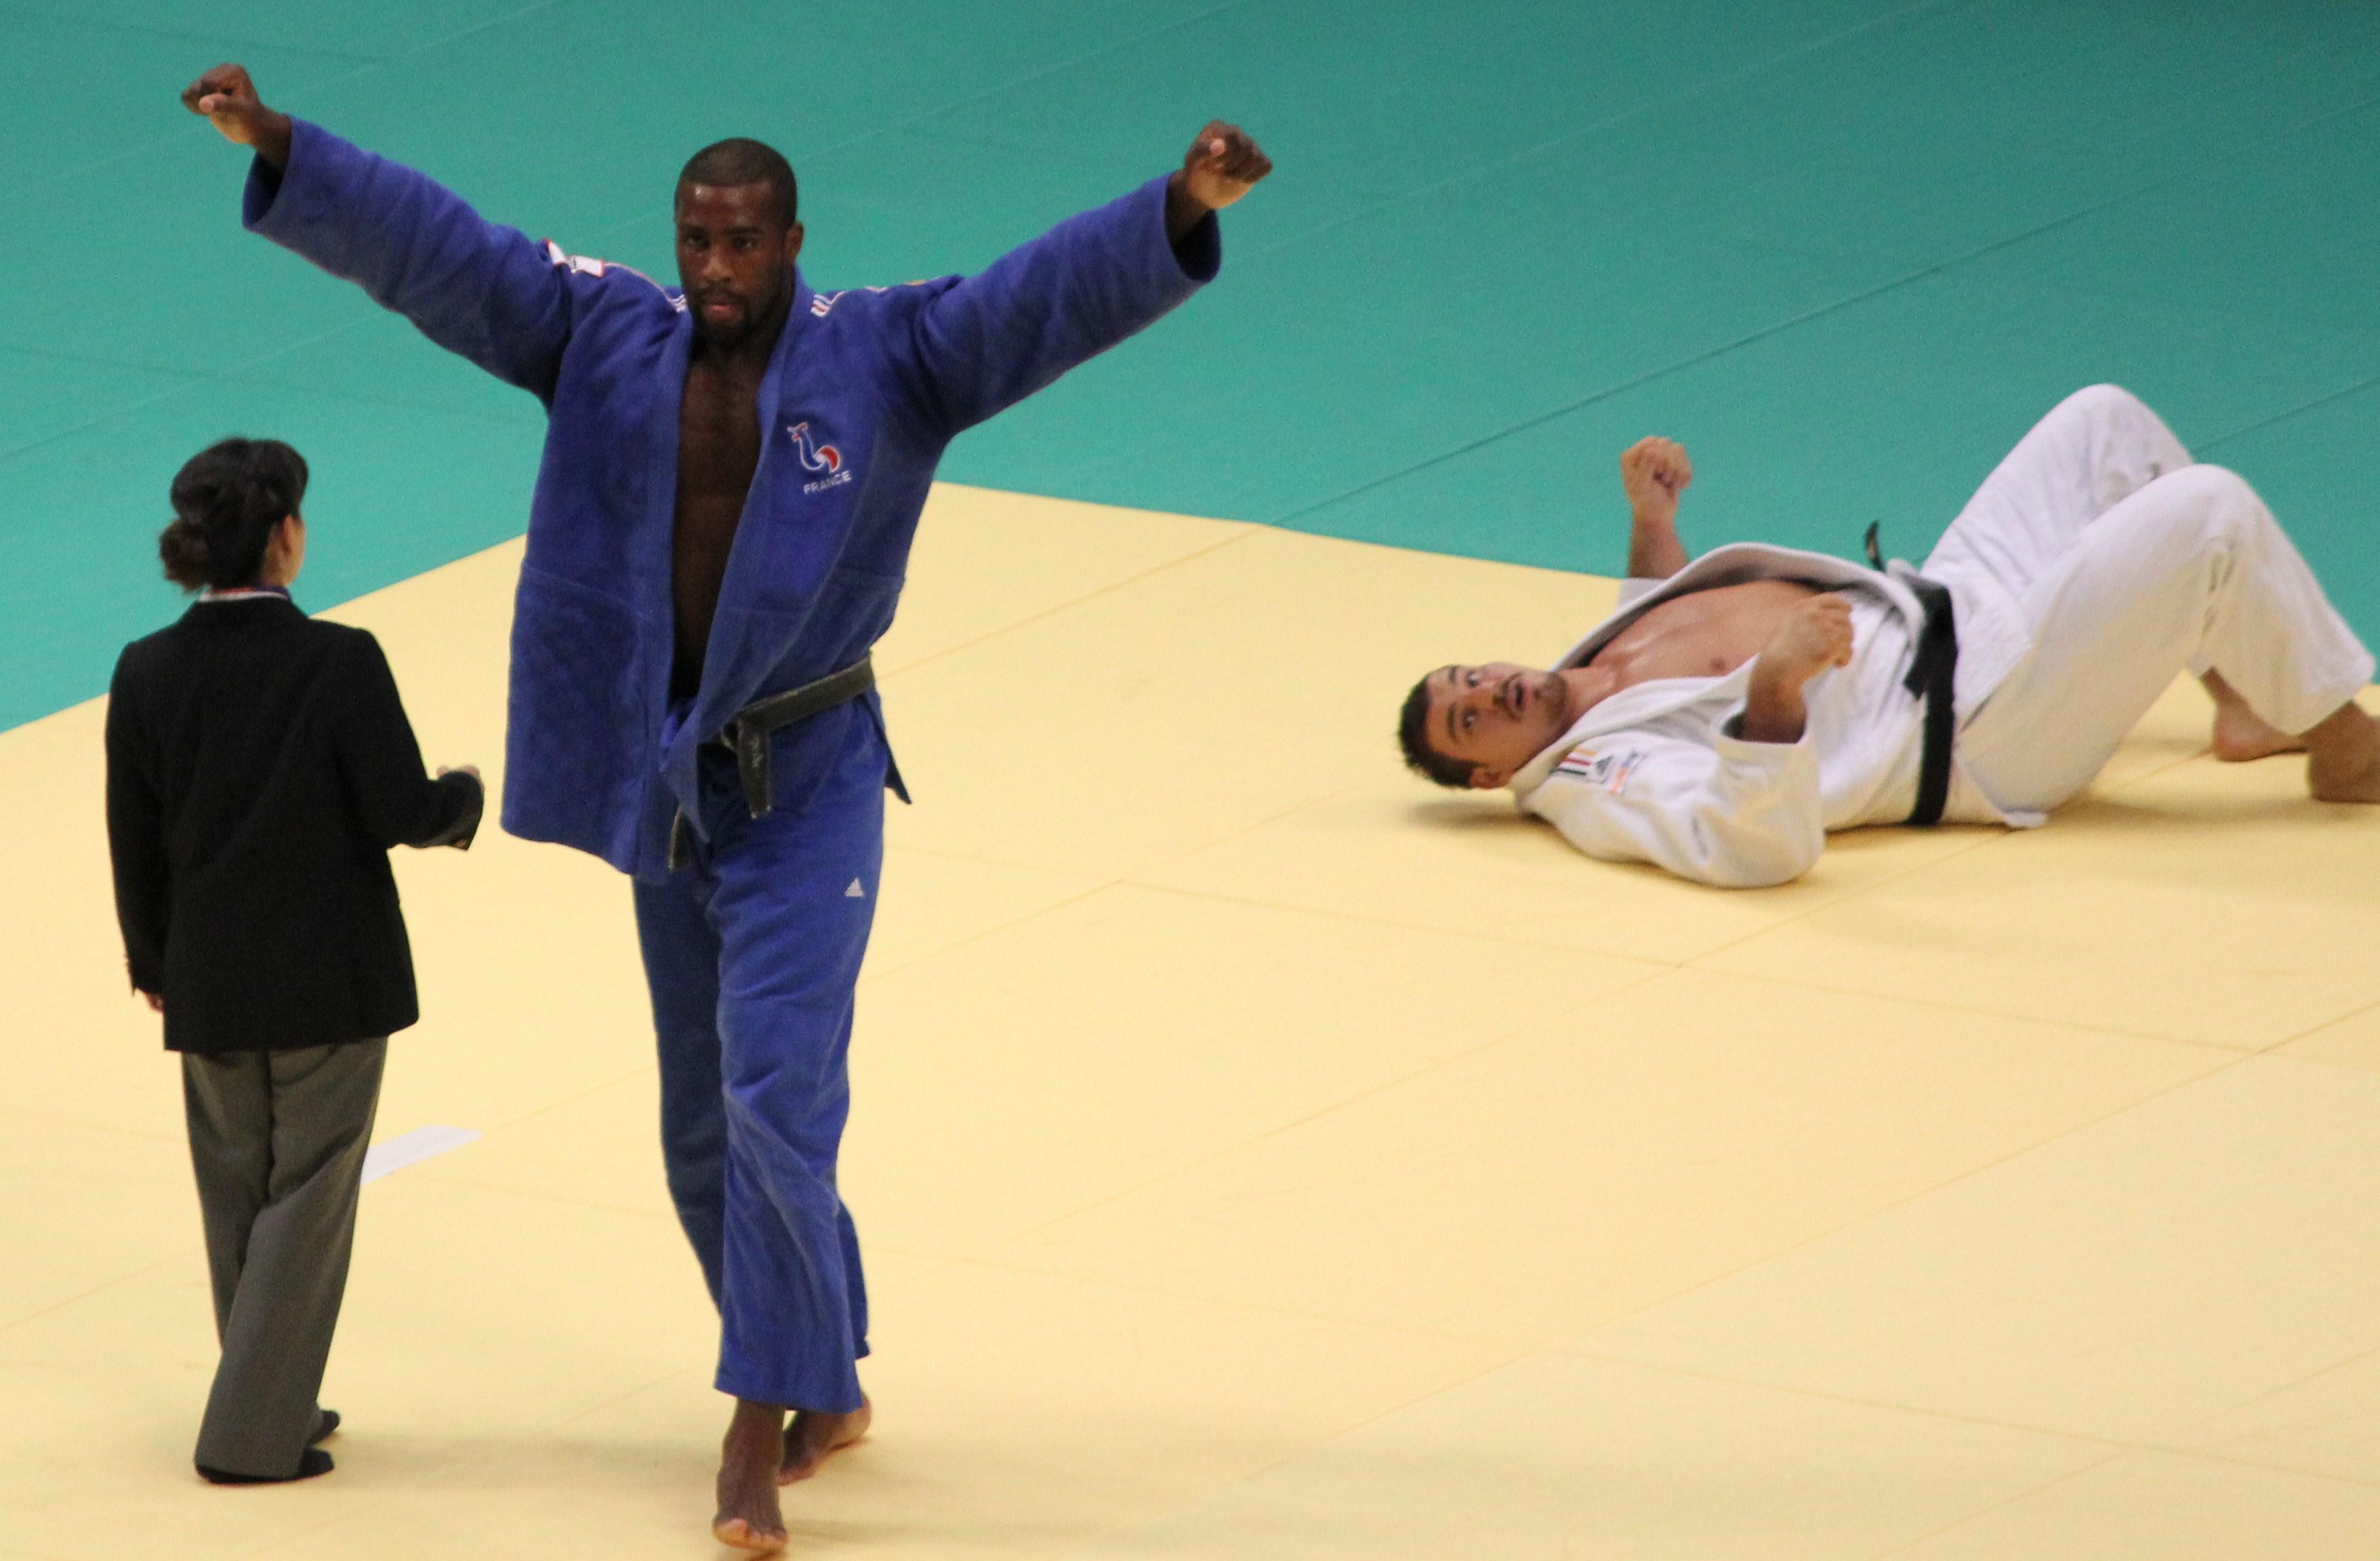 Judo-videos